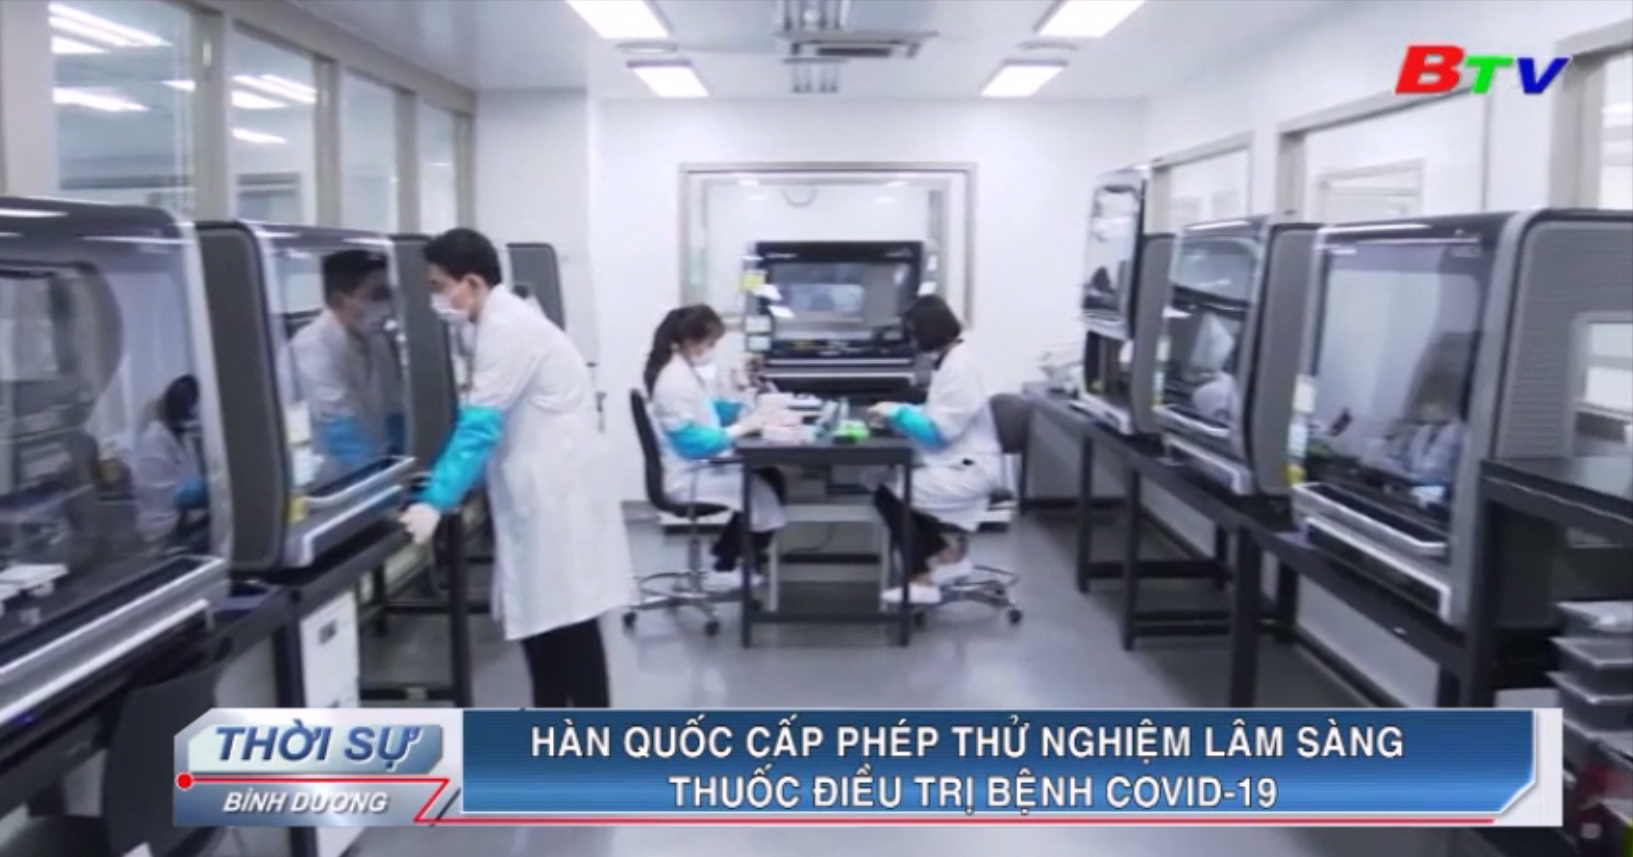 Hàn Quốc cấp giấy phép thử nghiệm lâm sàng thuốc điều trị bệnh Covid-19